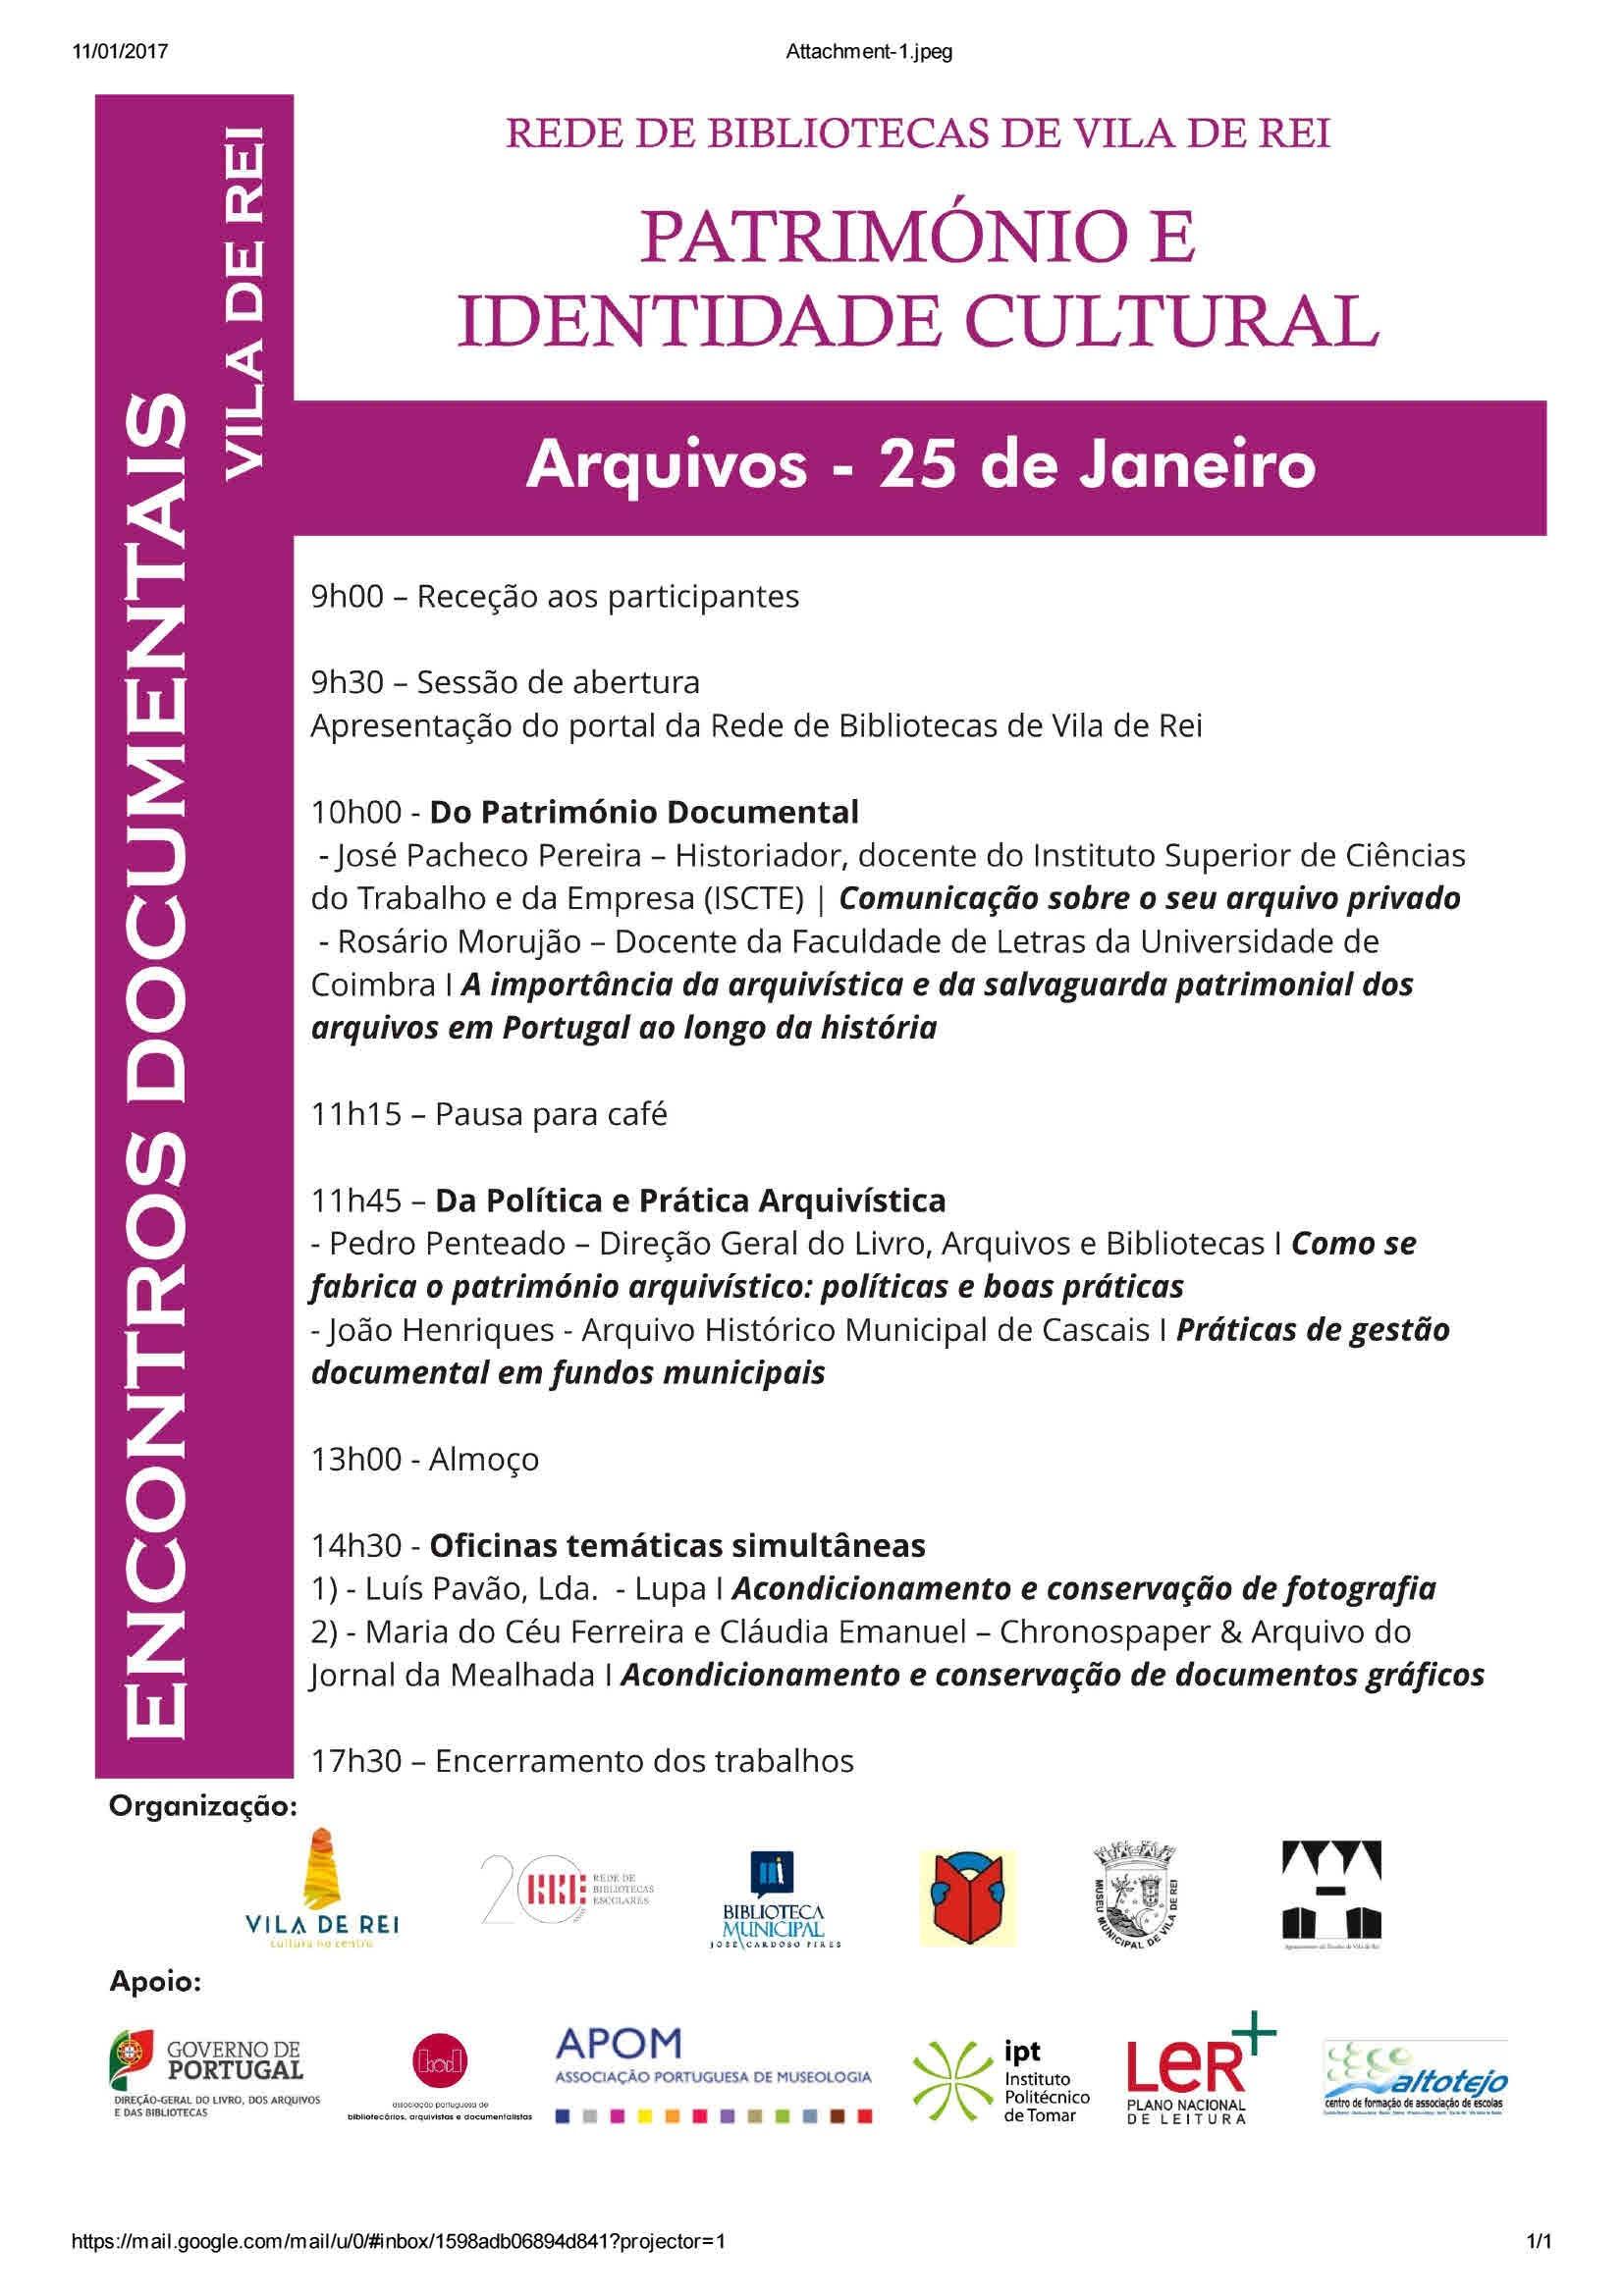 EPHEMERA – NOTCIAS DA SEMANA DE 9 A 15 DE JANEIRO DE 2017 – EPHEMERA – Biblioteca e arquivo de José Pacheco Pereira